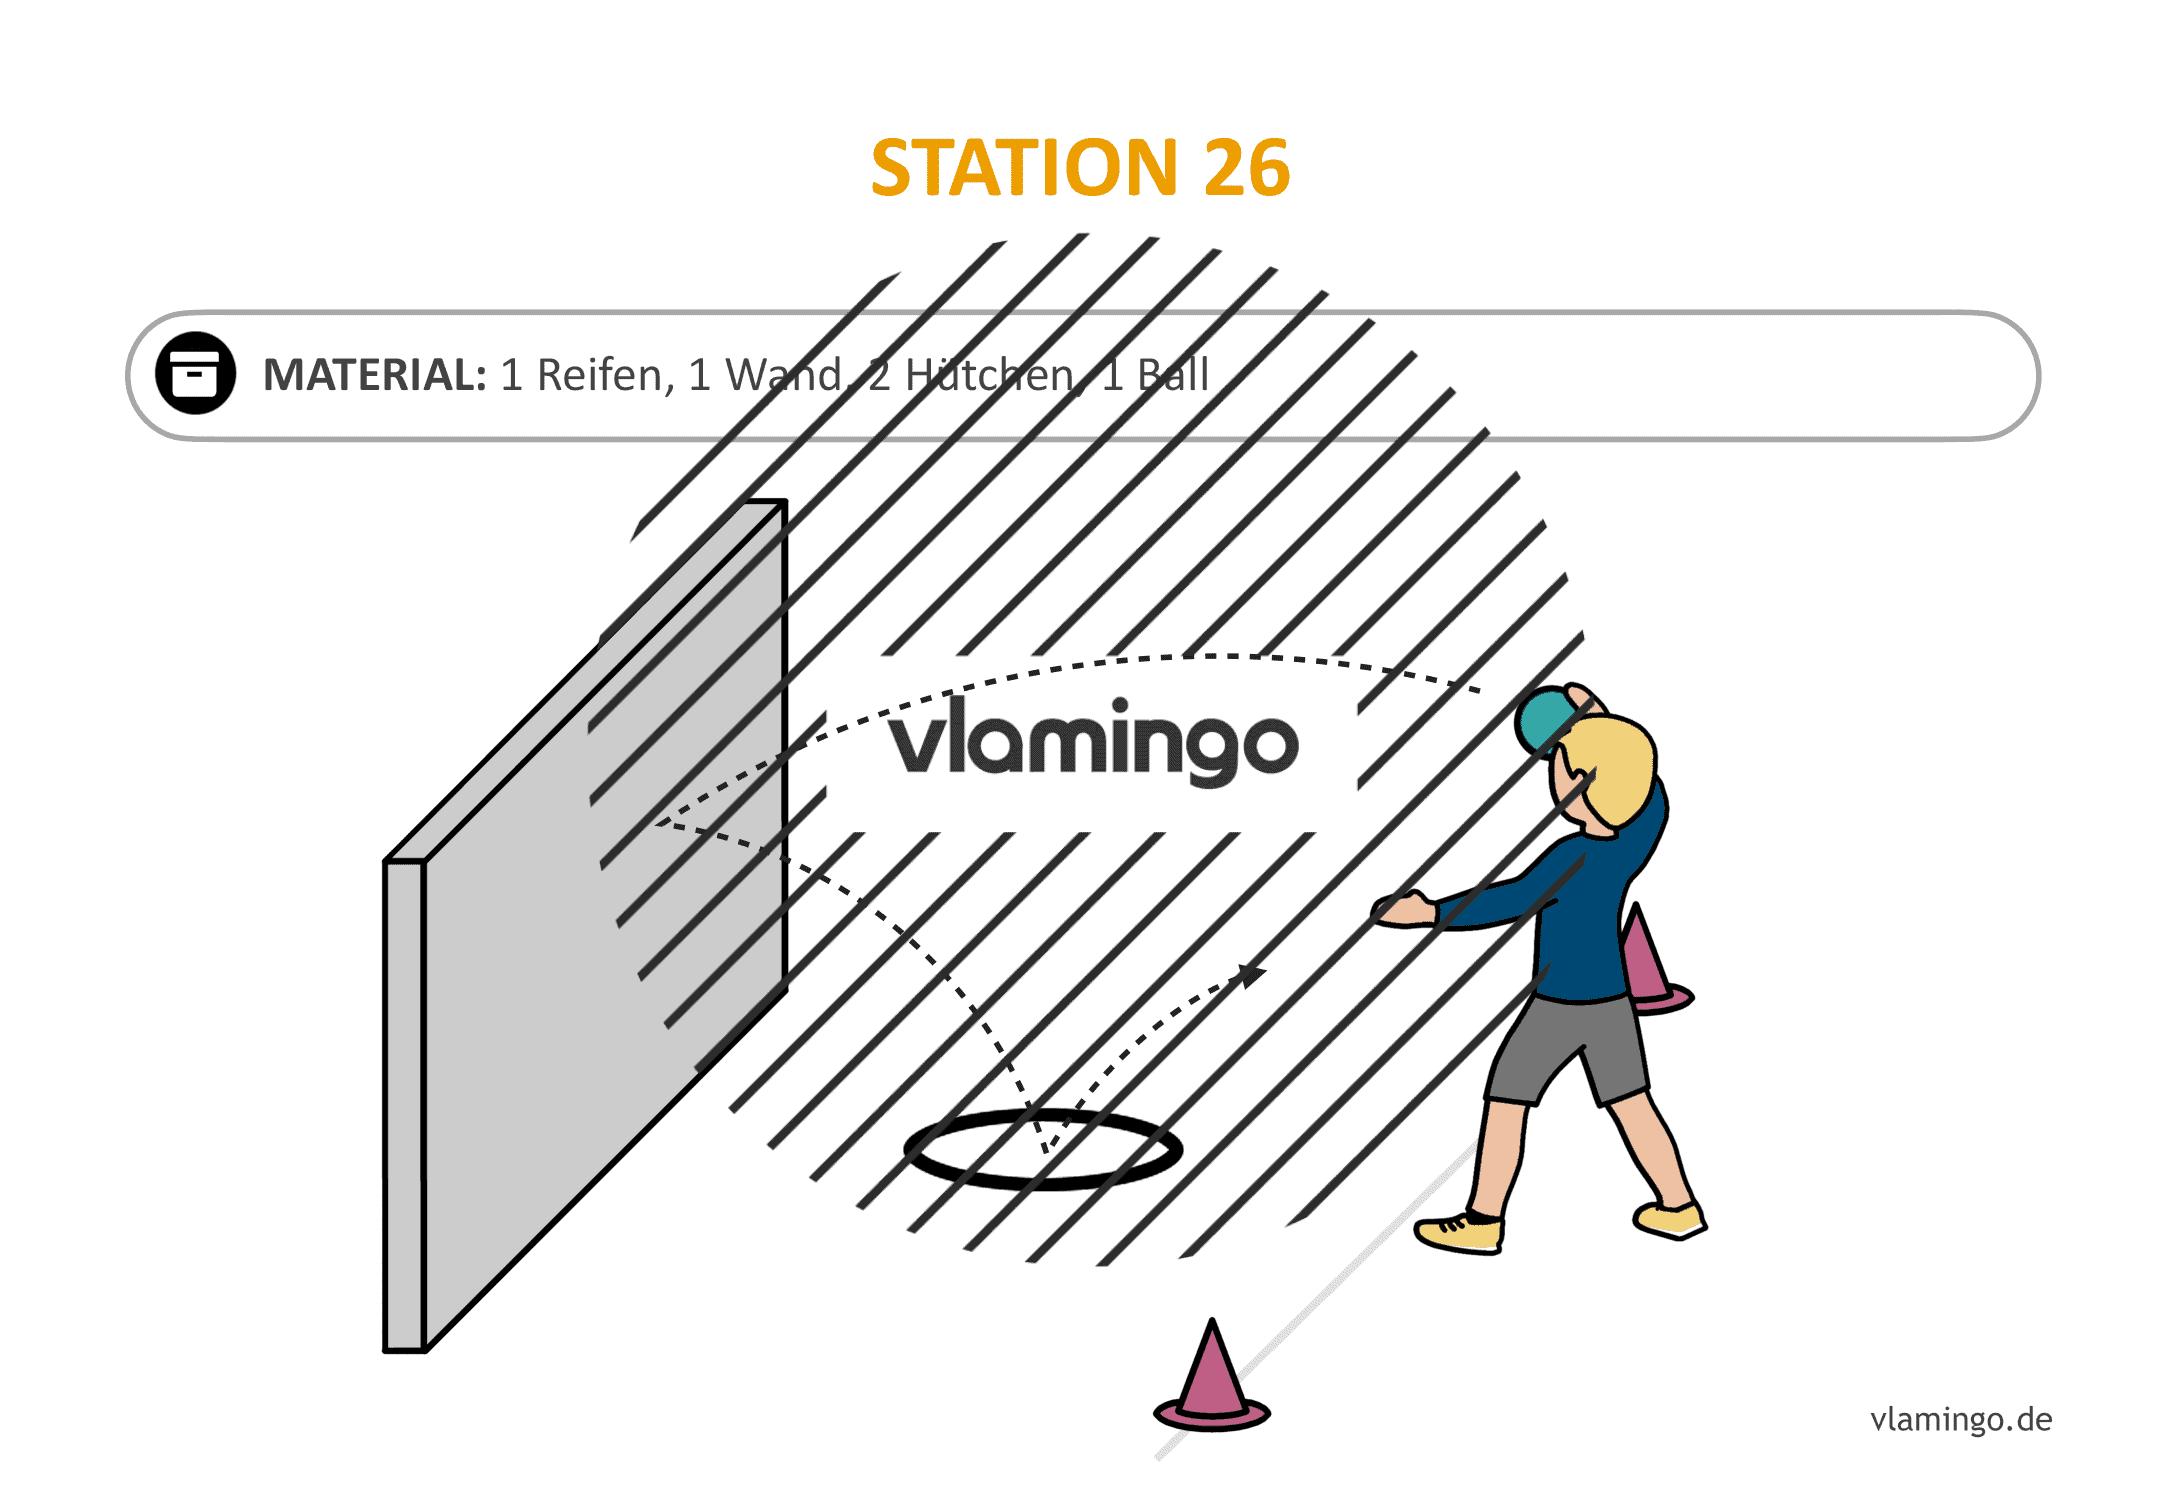 Handballgolf - Station-26